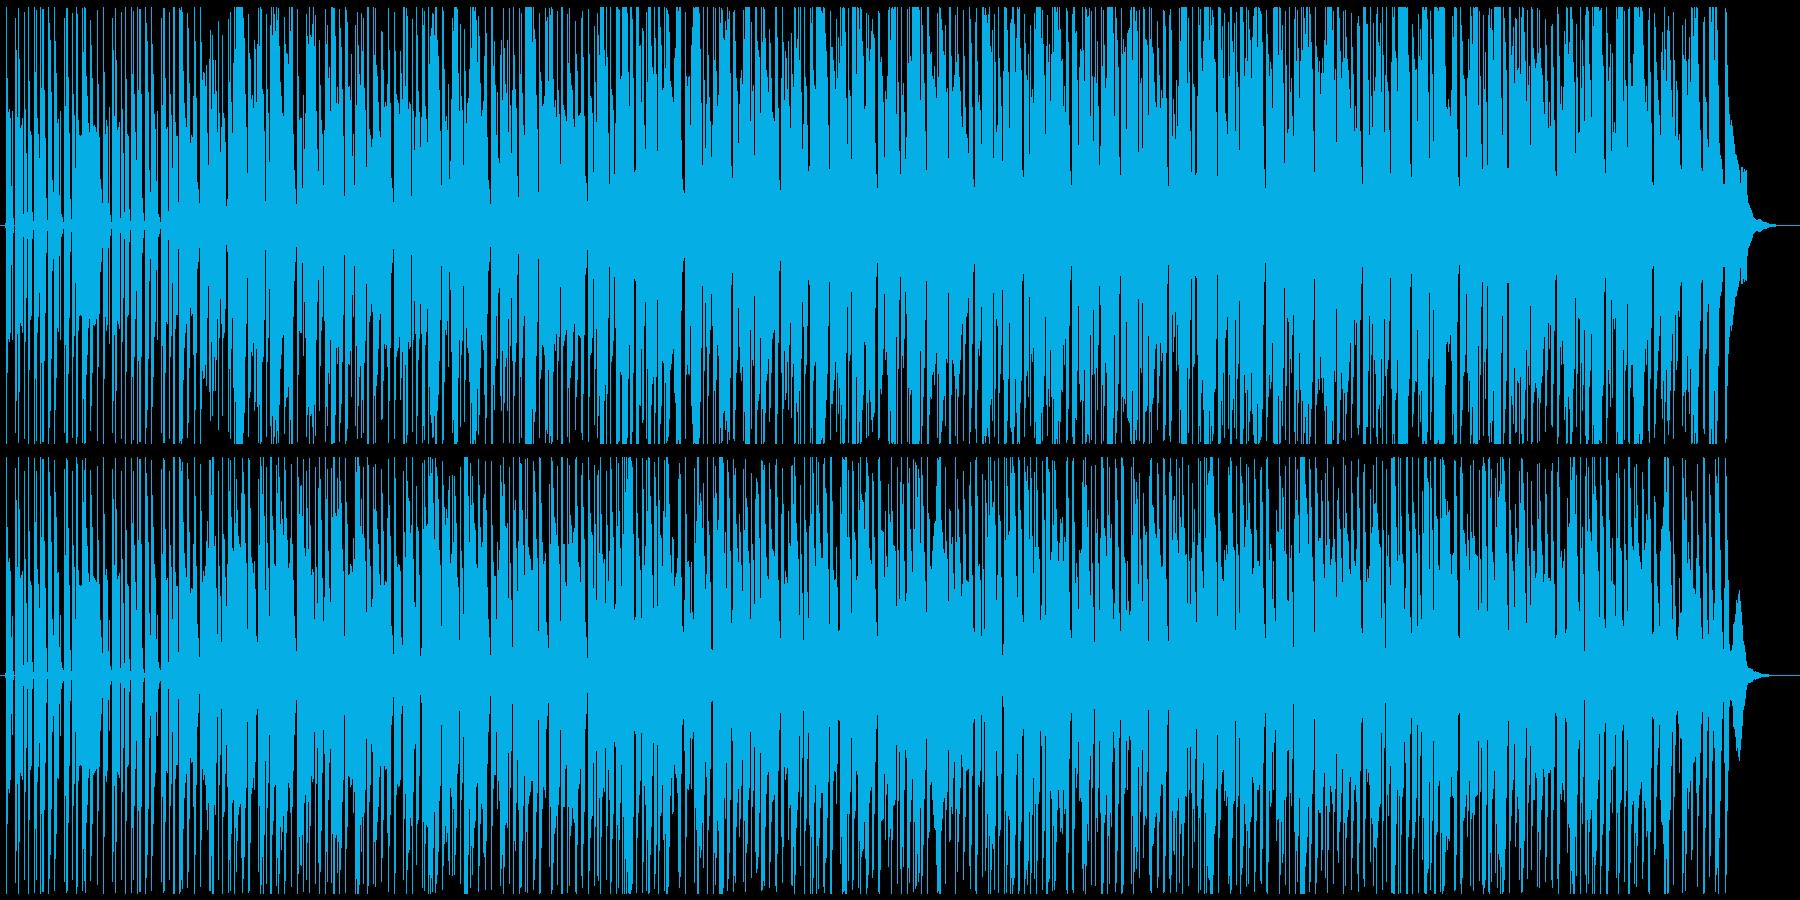 オルガンの音が浮遊感を演出するBGMの再生済みの波形